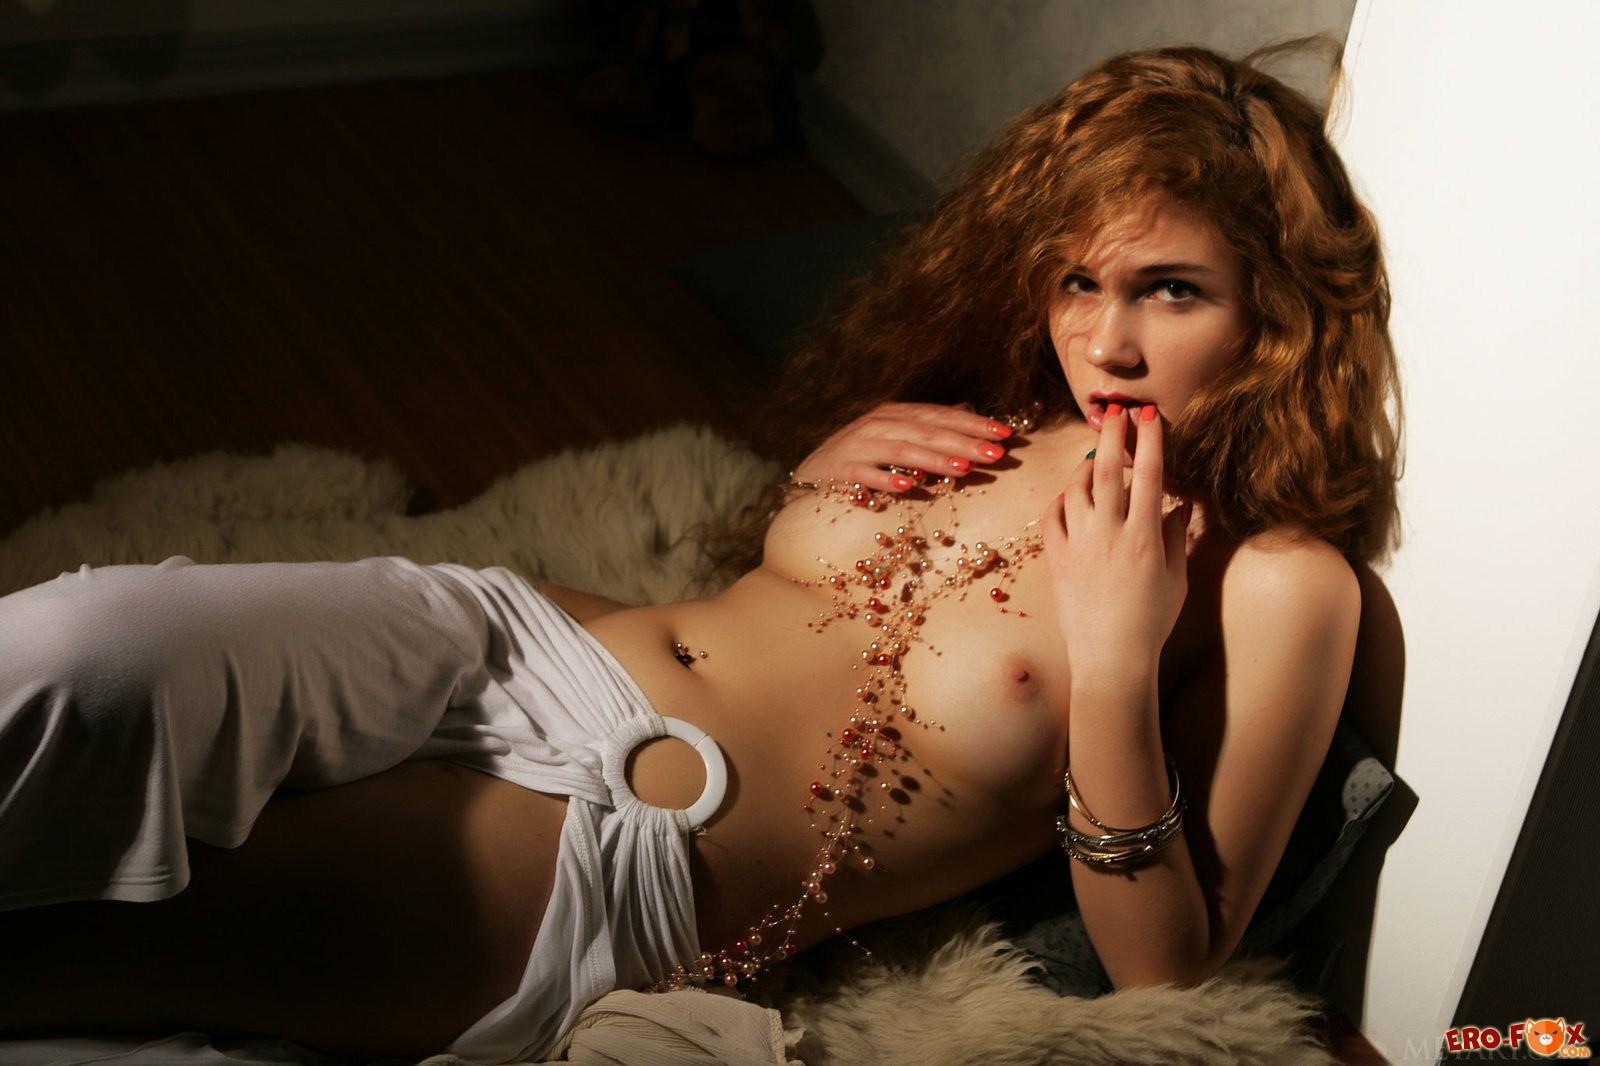 Обнажённая рыжая девушка в полумраке